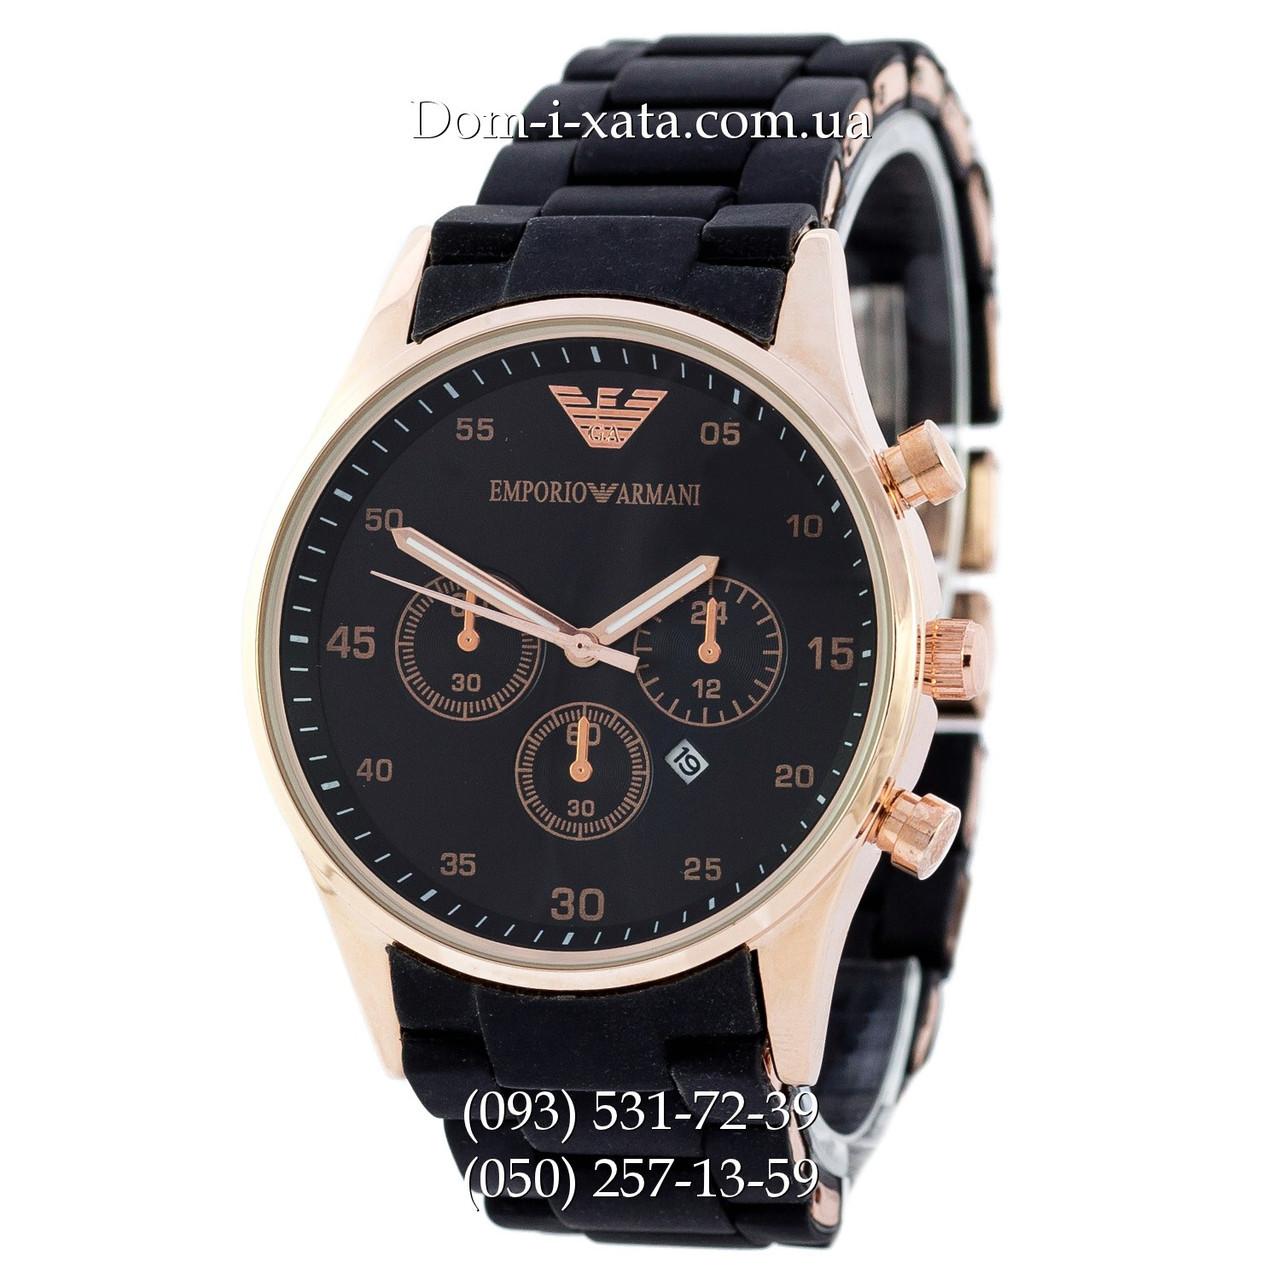 Мужские часы Emporio Armani black-gold, элитные часы Эмпорио Армани черные-золото, реплика отличное качество